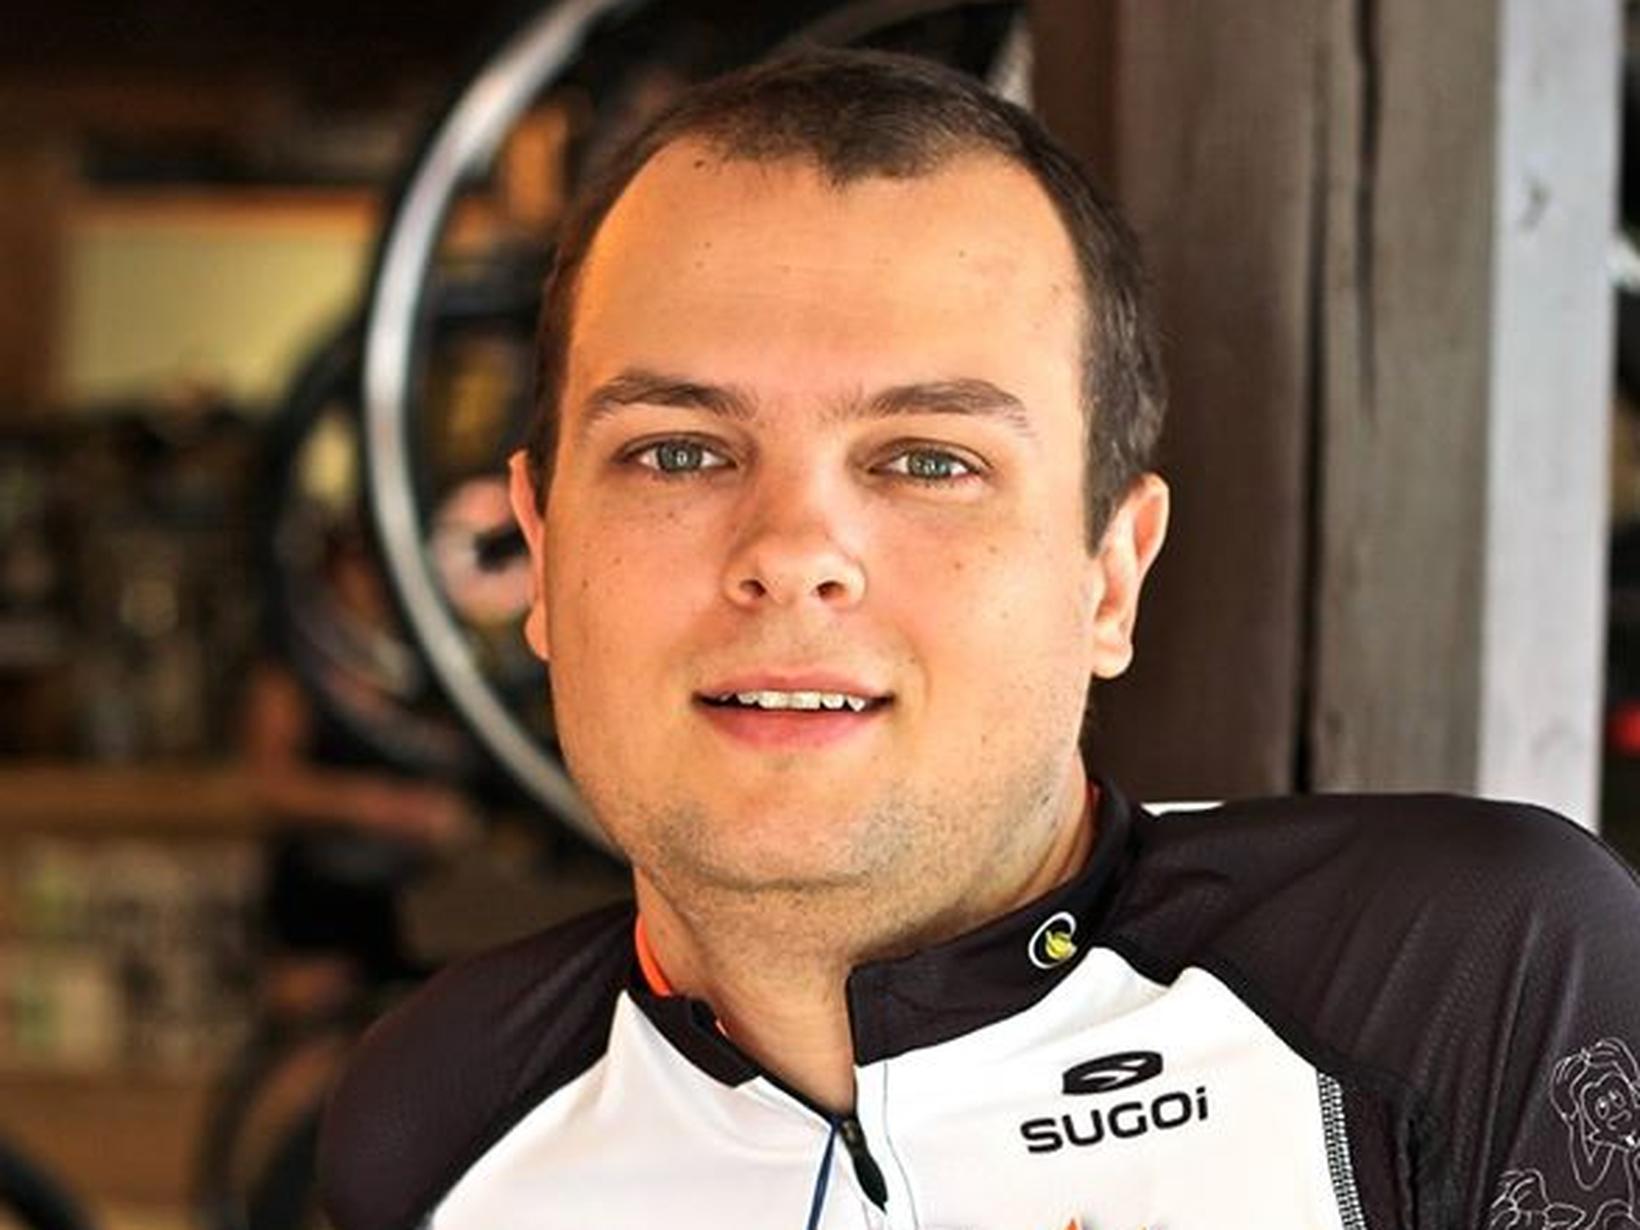 Robert from Guelph, Ontario, Canada